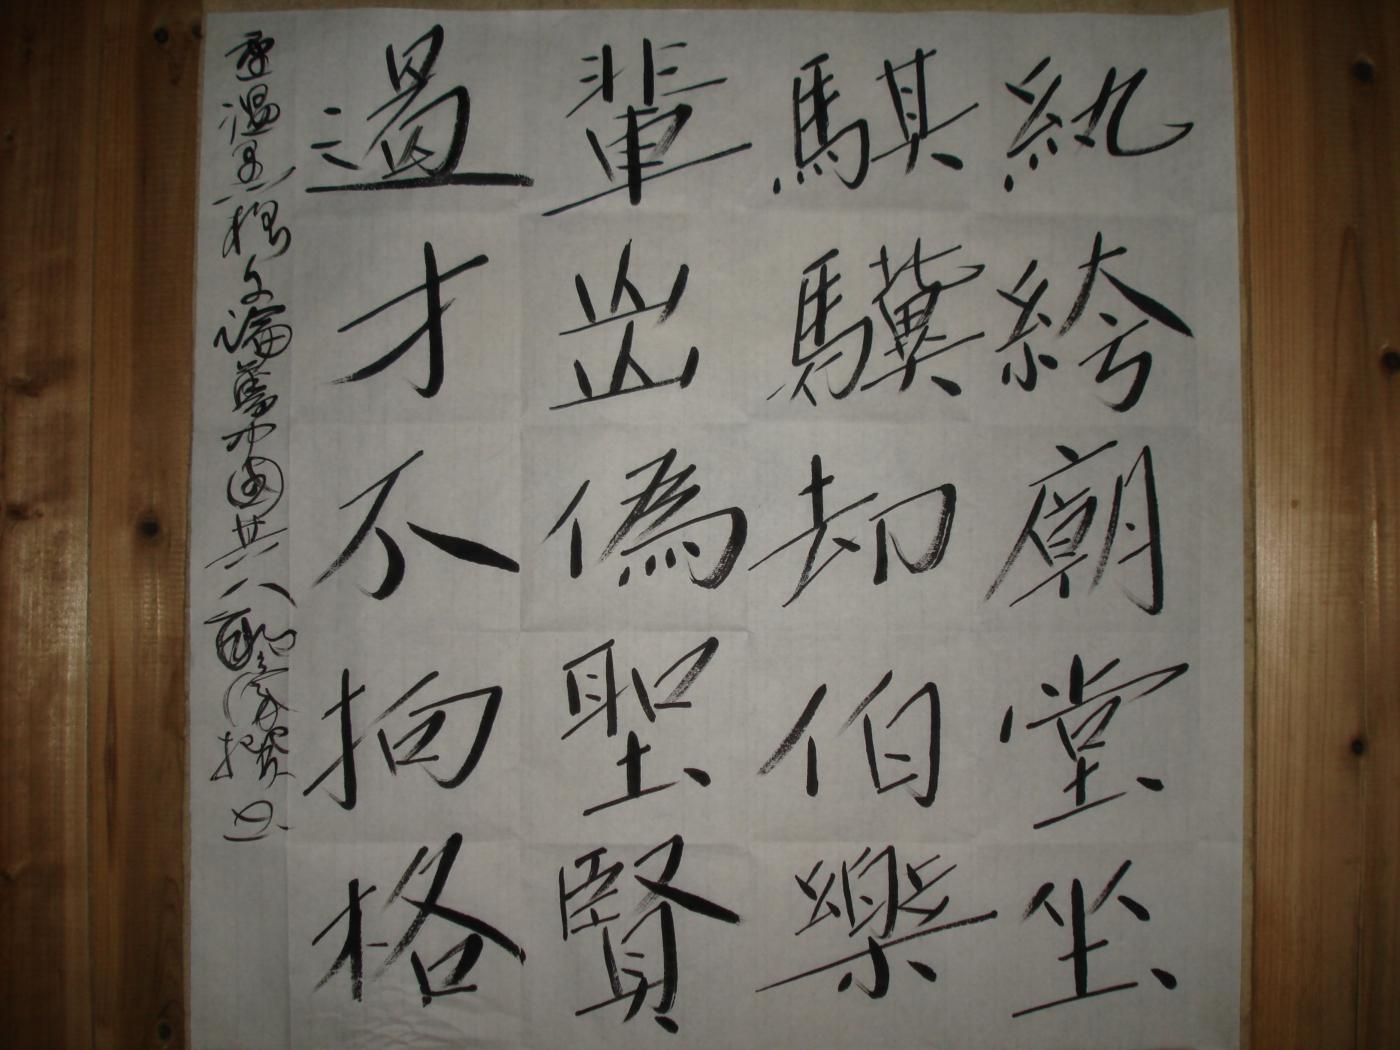 徐敏豪诗五绝3则真榜书2尺生宣斗方3幅(192)_图1-2